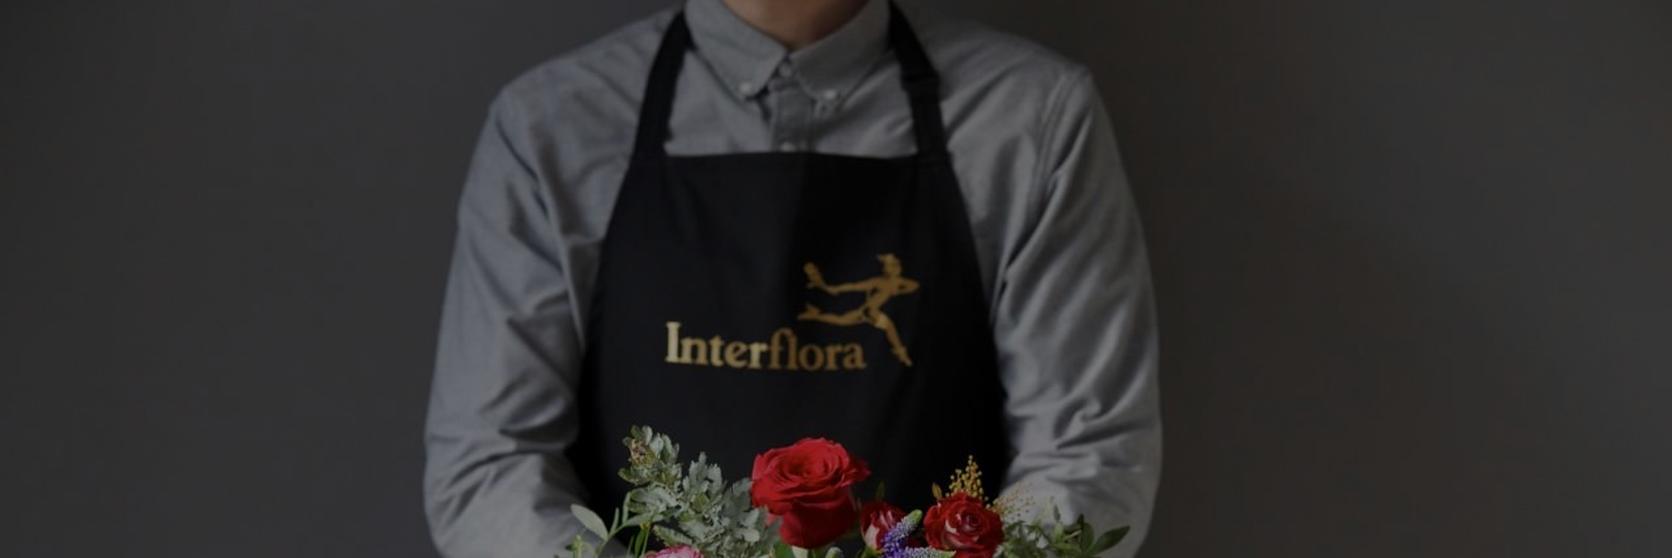 Understated-valentines-flowers-1